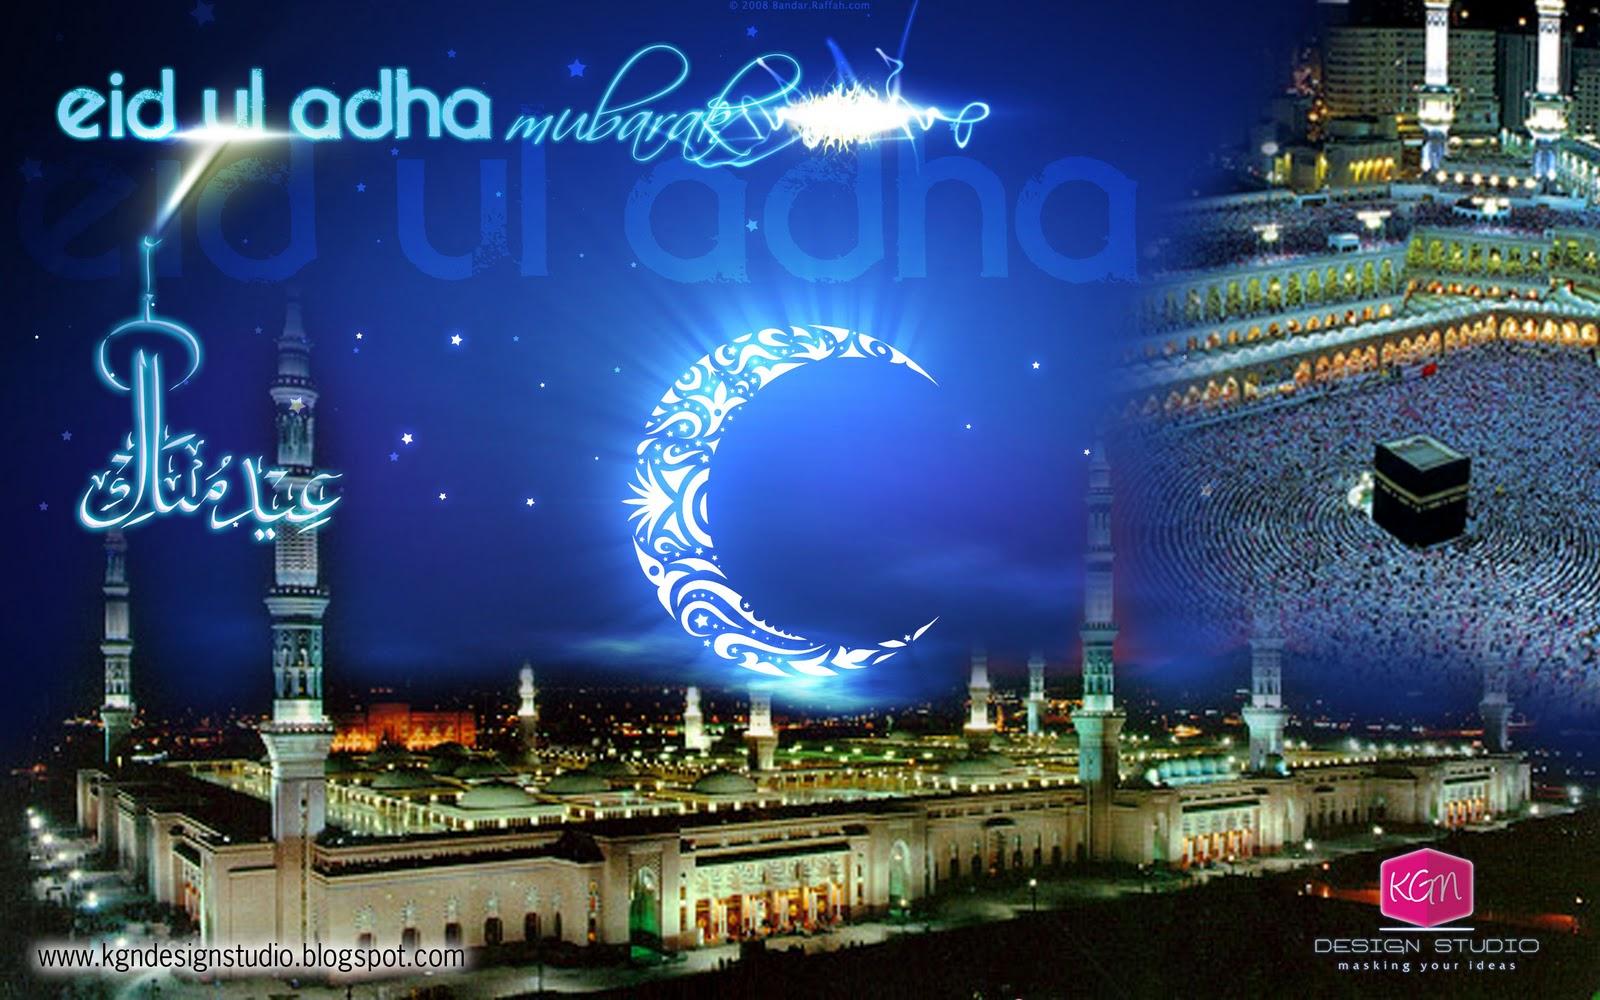 http://3.bp.blogspot.com/-Ors2qsMwT5c/Tq-nZIdP5_I/AAAAAAAAAVI/fcyp5CXWqLc/s1600/Eid-ul-Adha-05.jpg